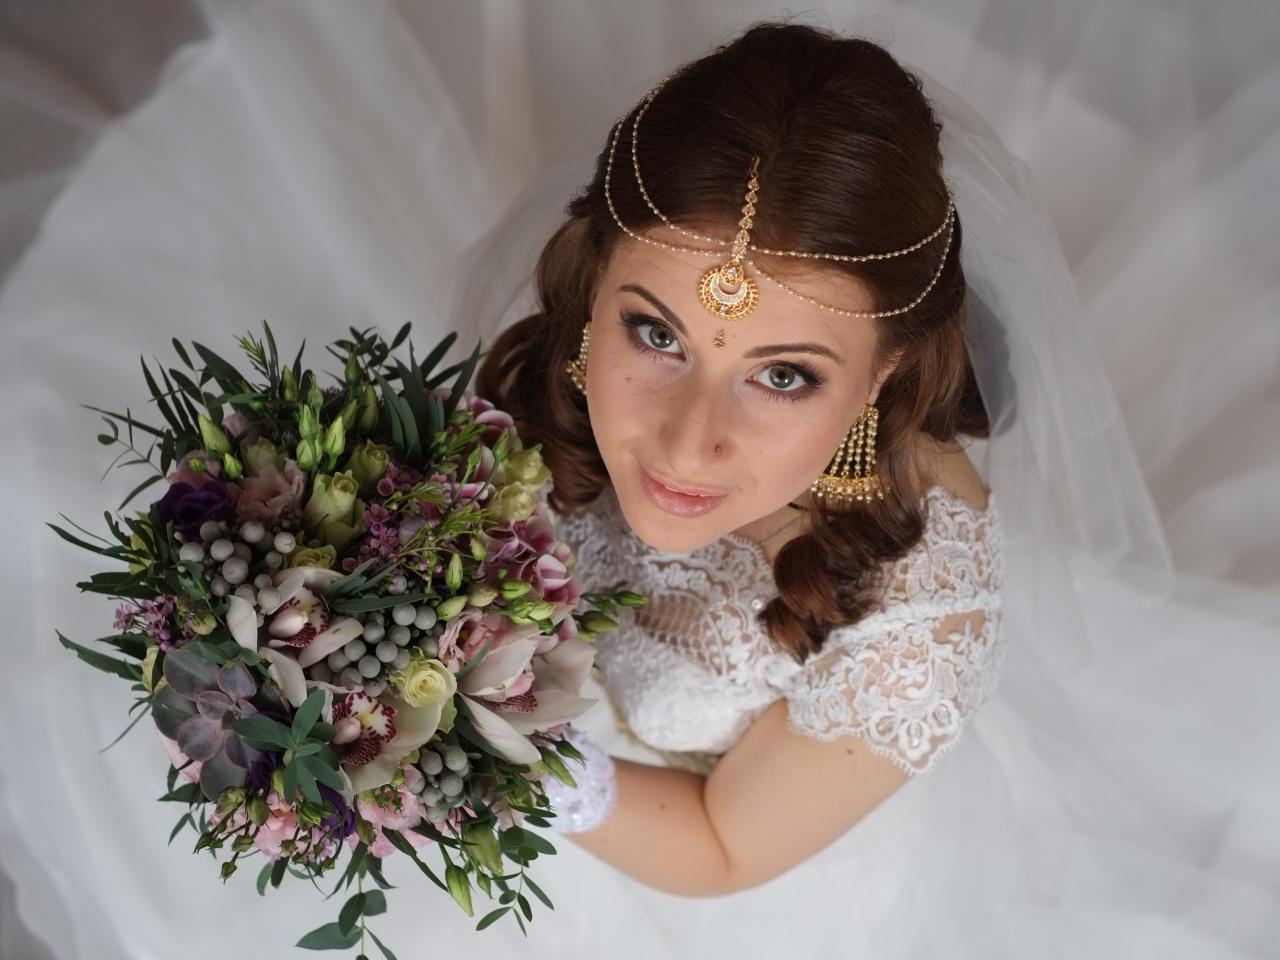 Peinados de novias - 1280x960